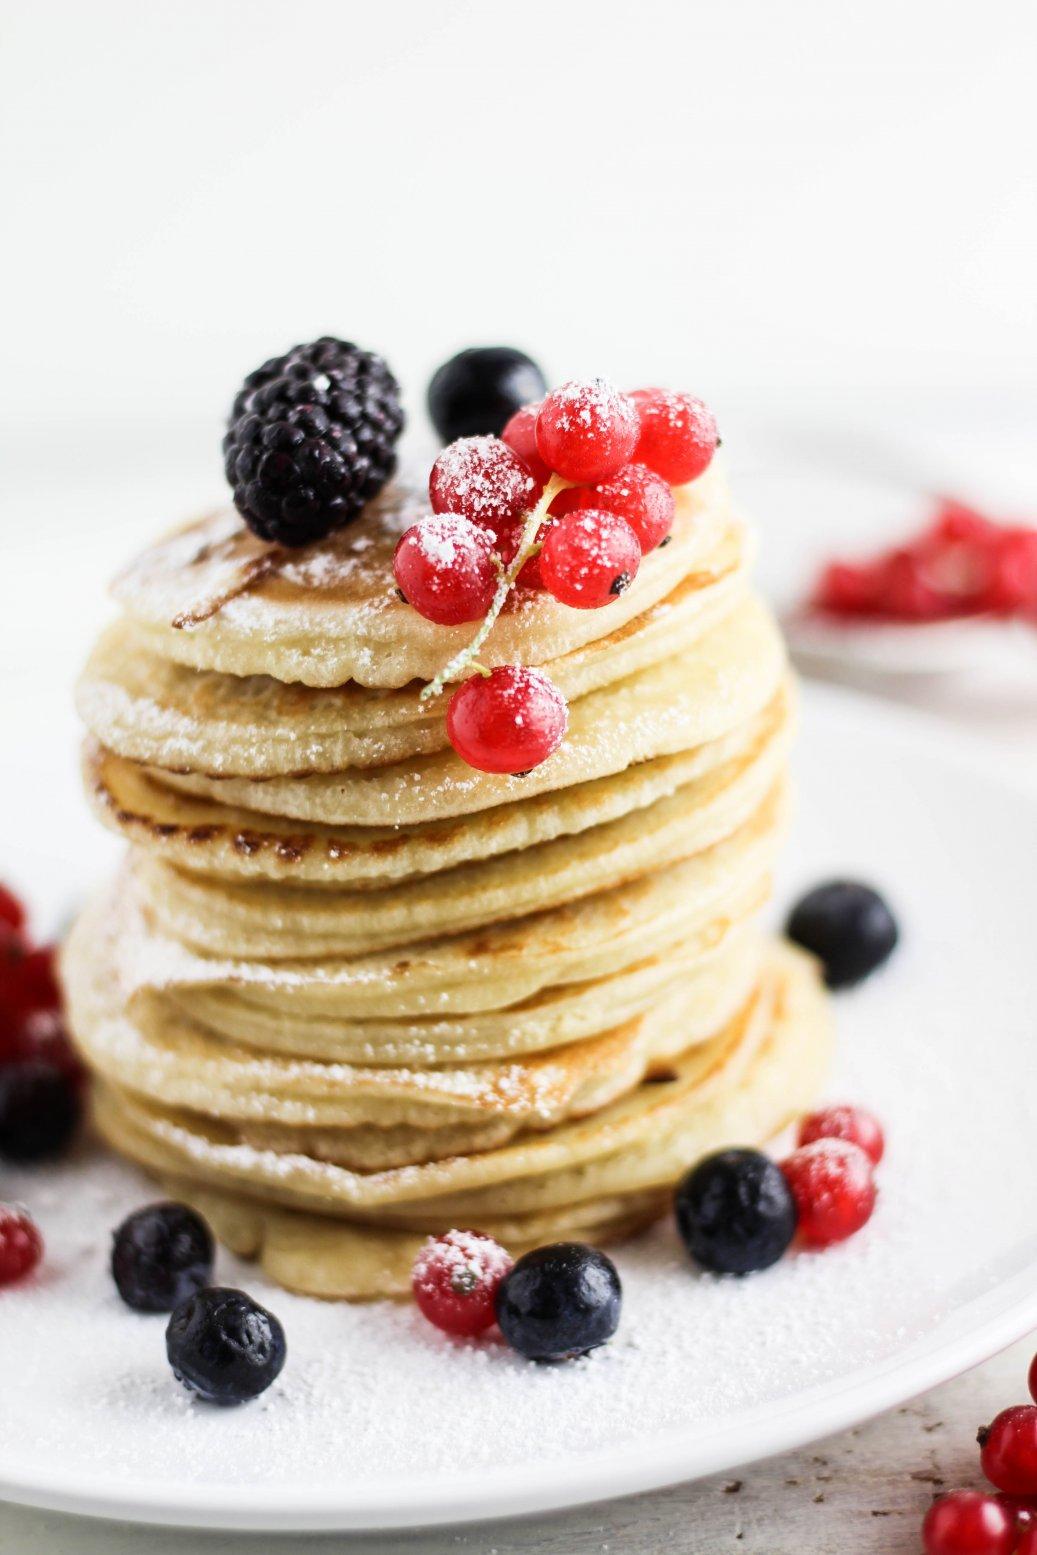 vegan-pancakesonly-4-ingredients